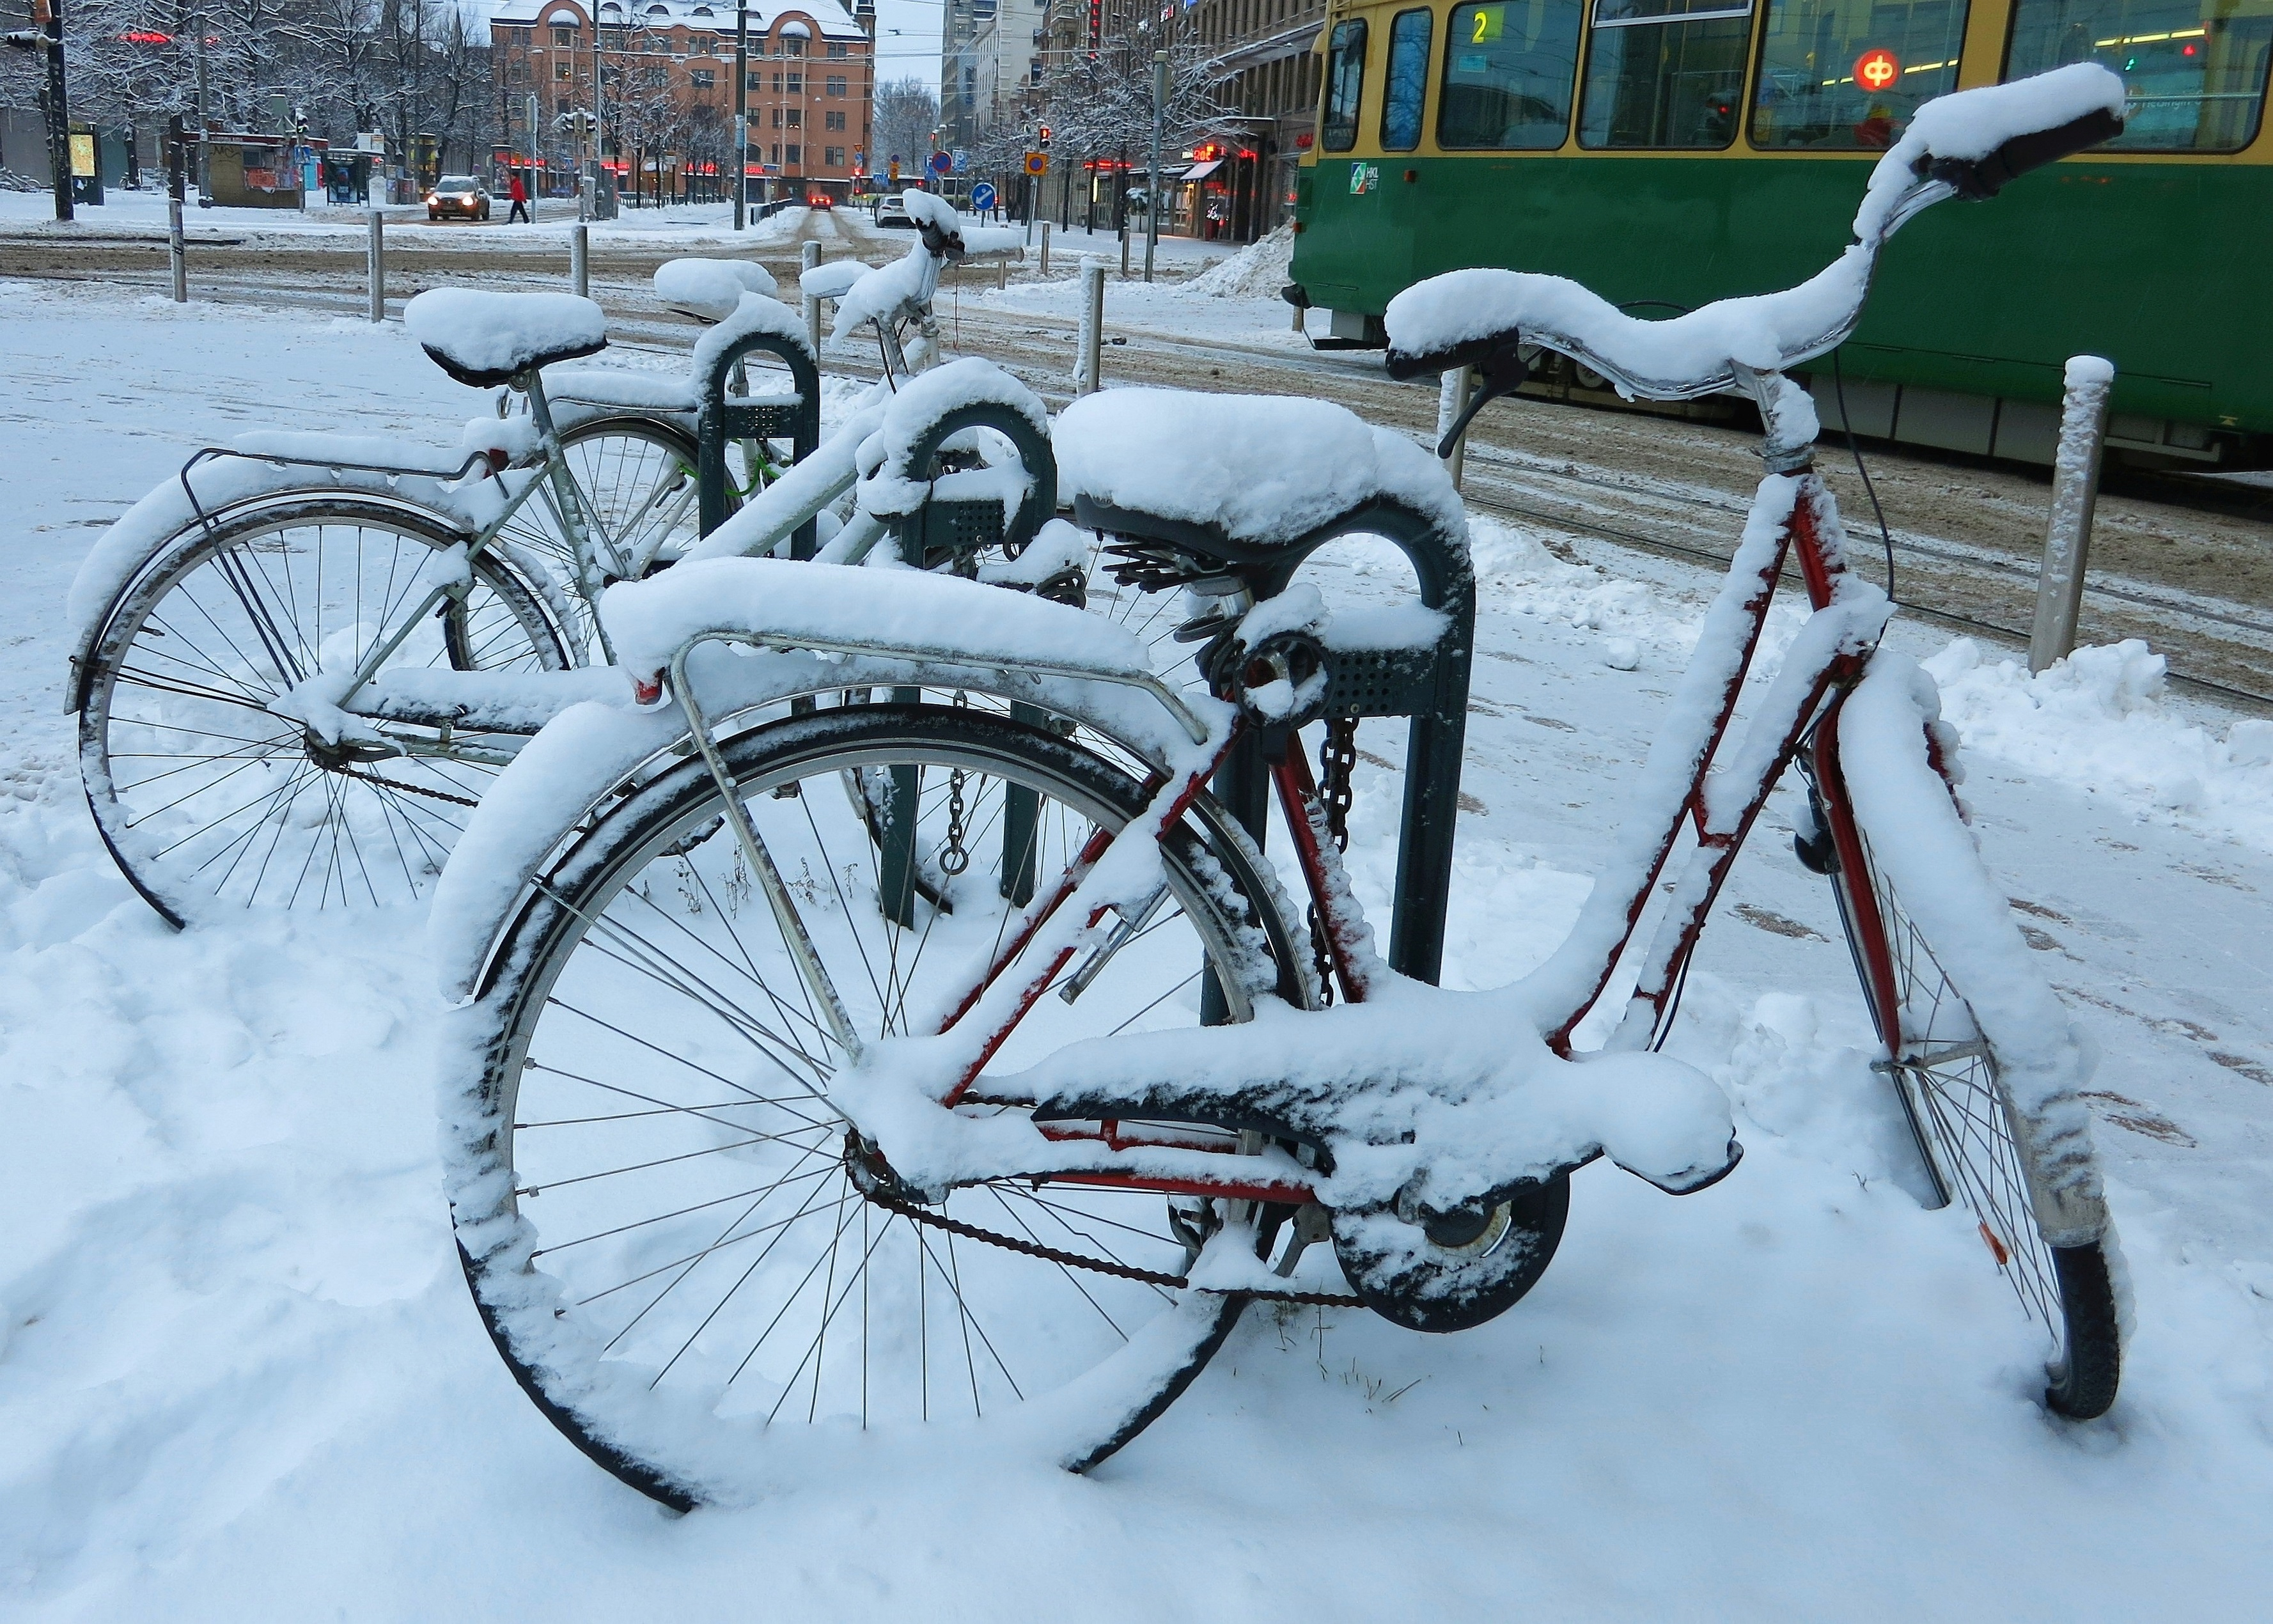 icyclesinelsinkiinland